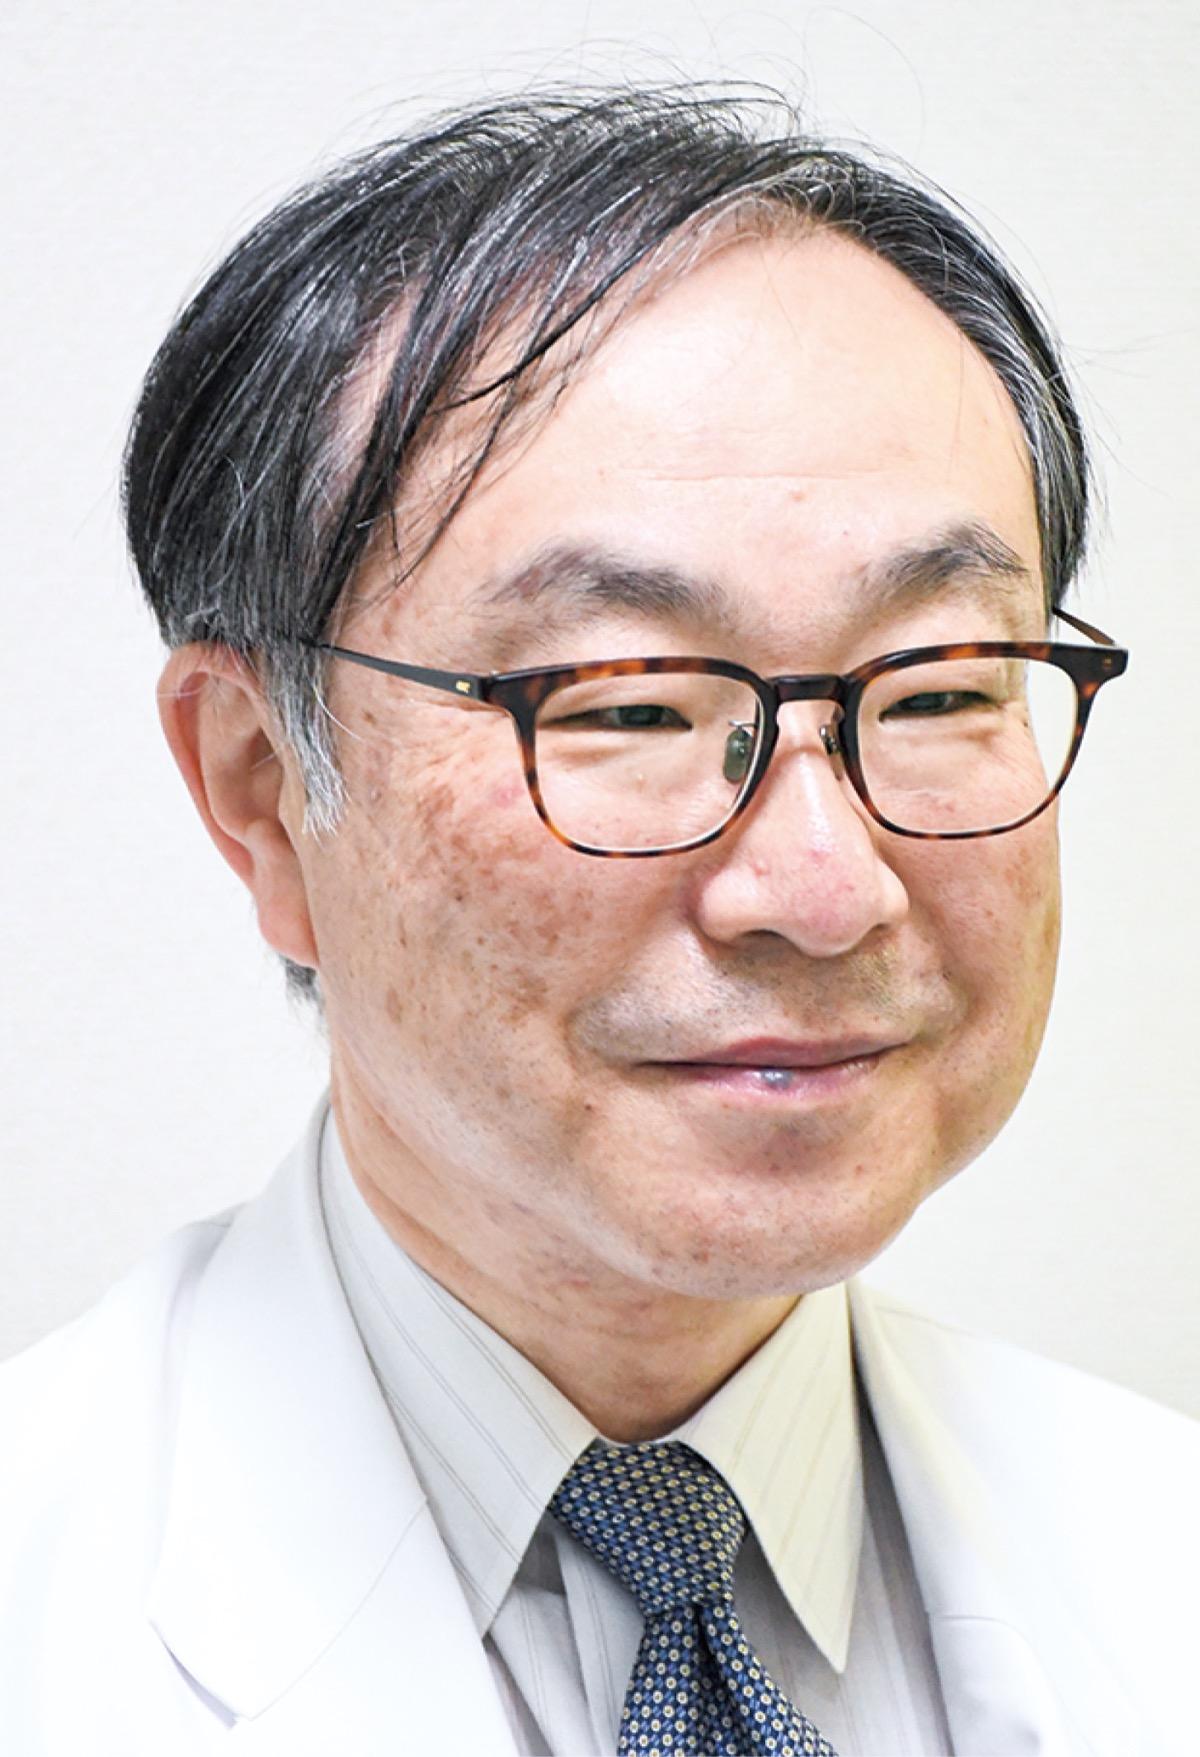 病院 コロナ 労災 横浜